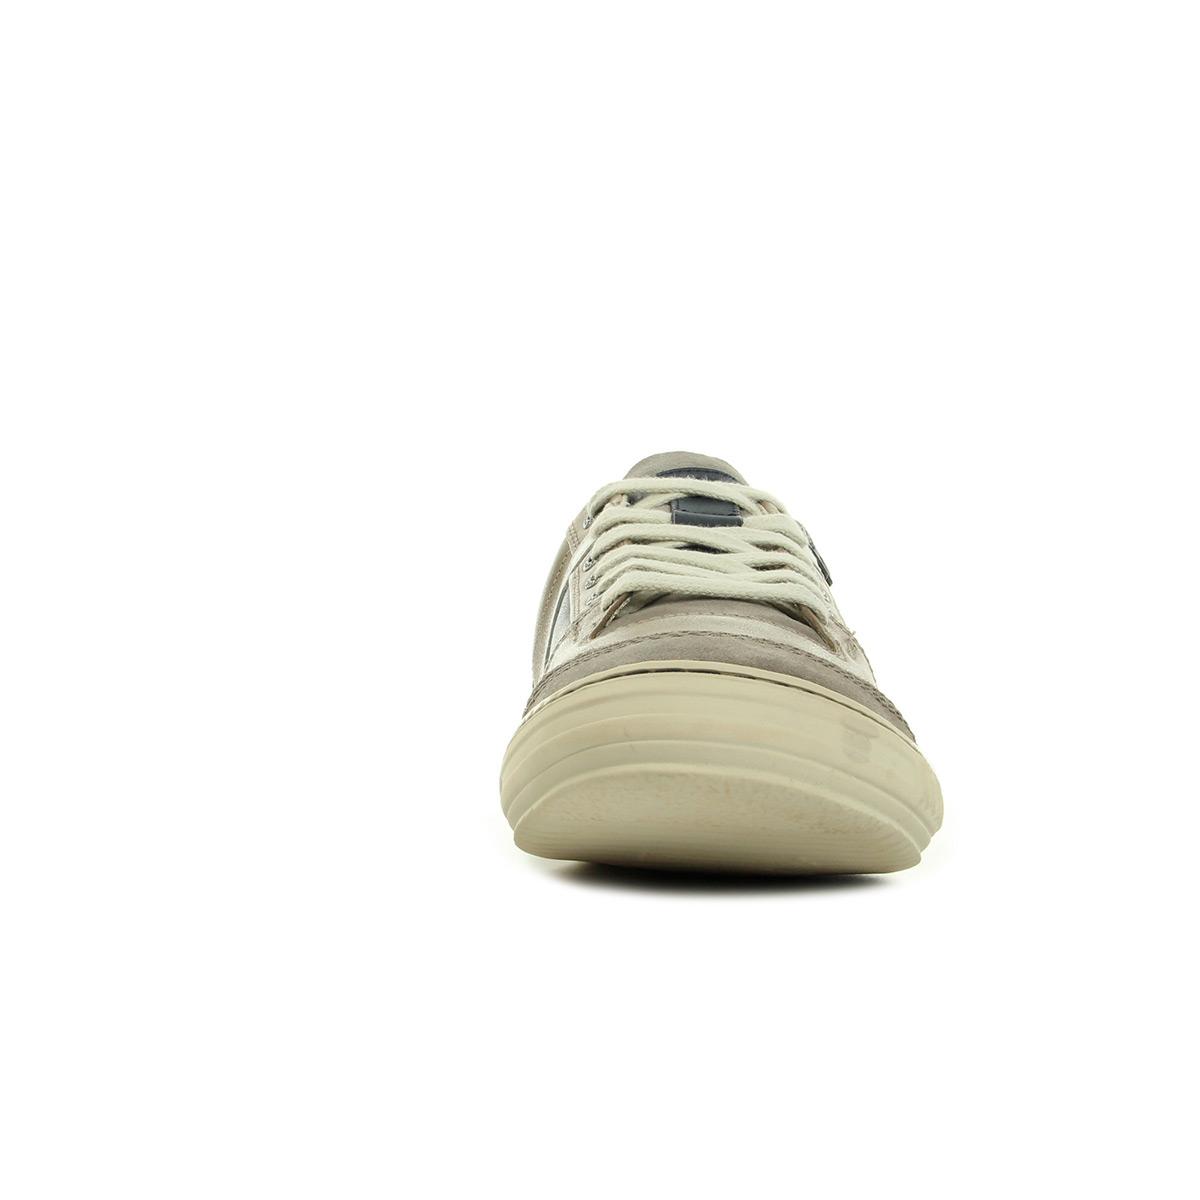 Kickers Jexplore Beige 4122436011, Baskets mode homme